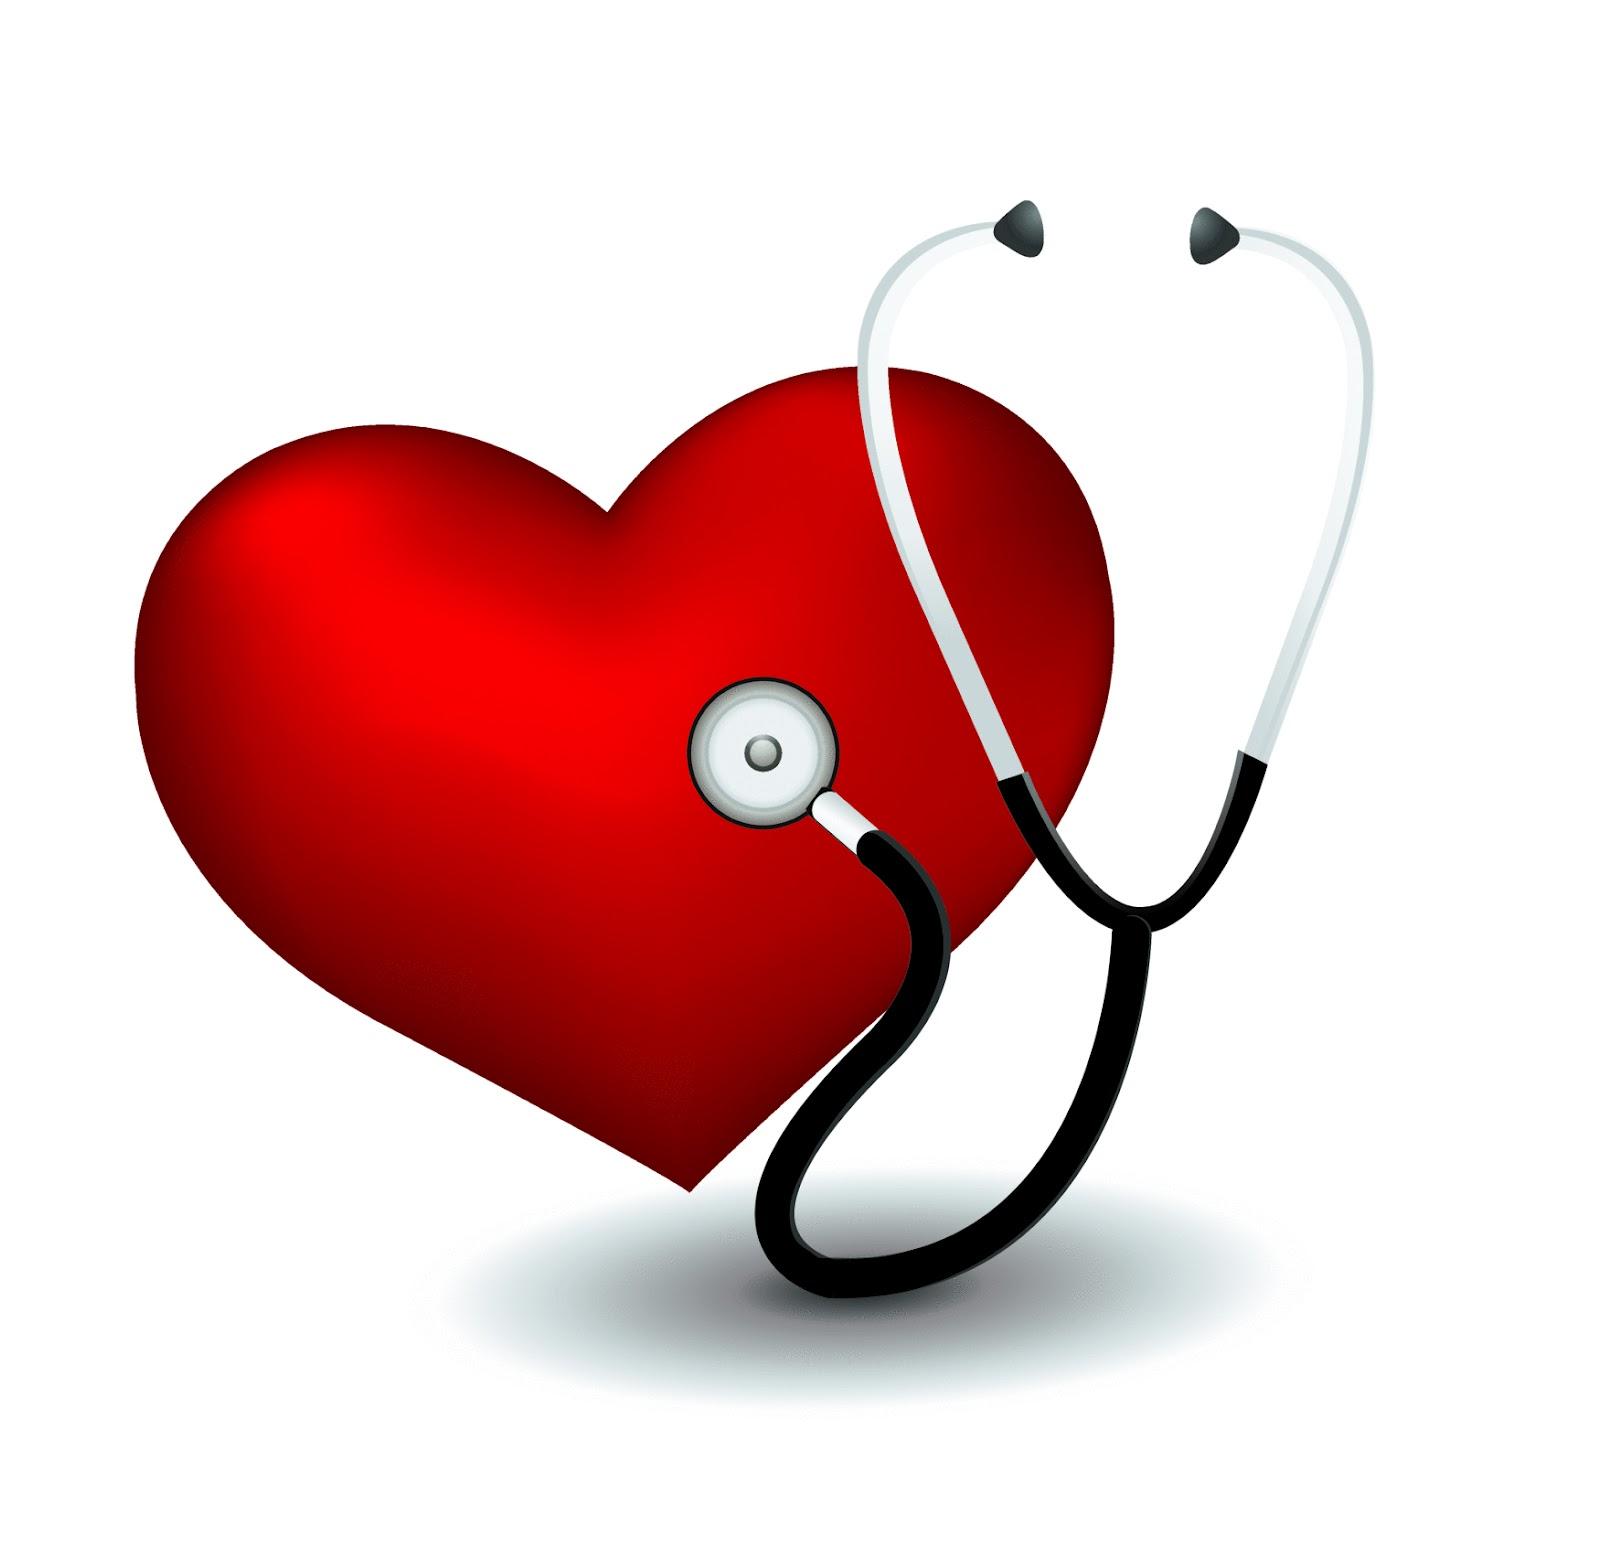 1600x1568 Heart Disease Statistics Clip Art Cliparts